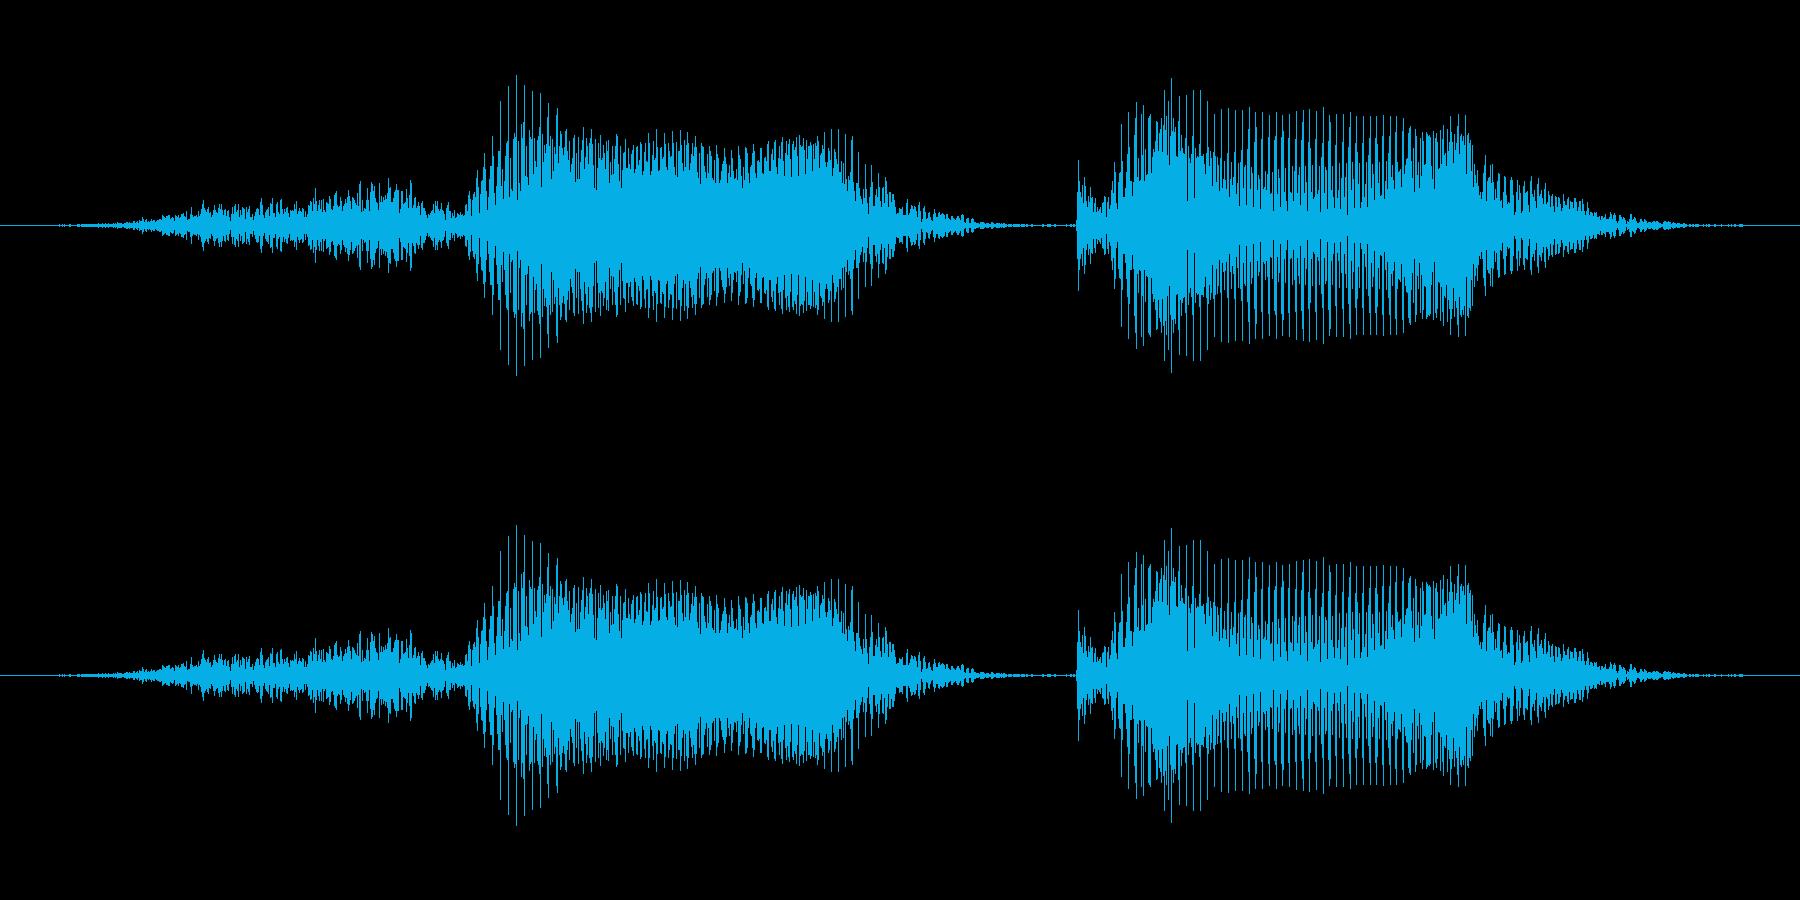 「正解」子供クイズアプリ男性ボイスの再生済みの波形